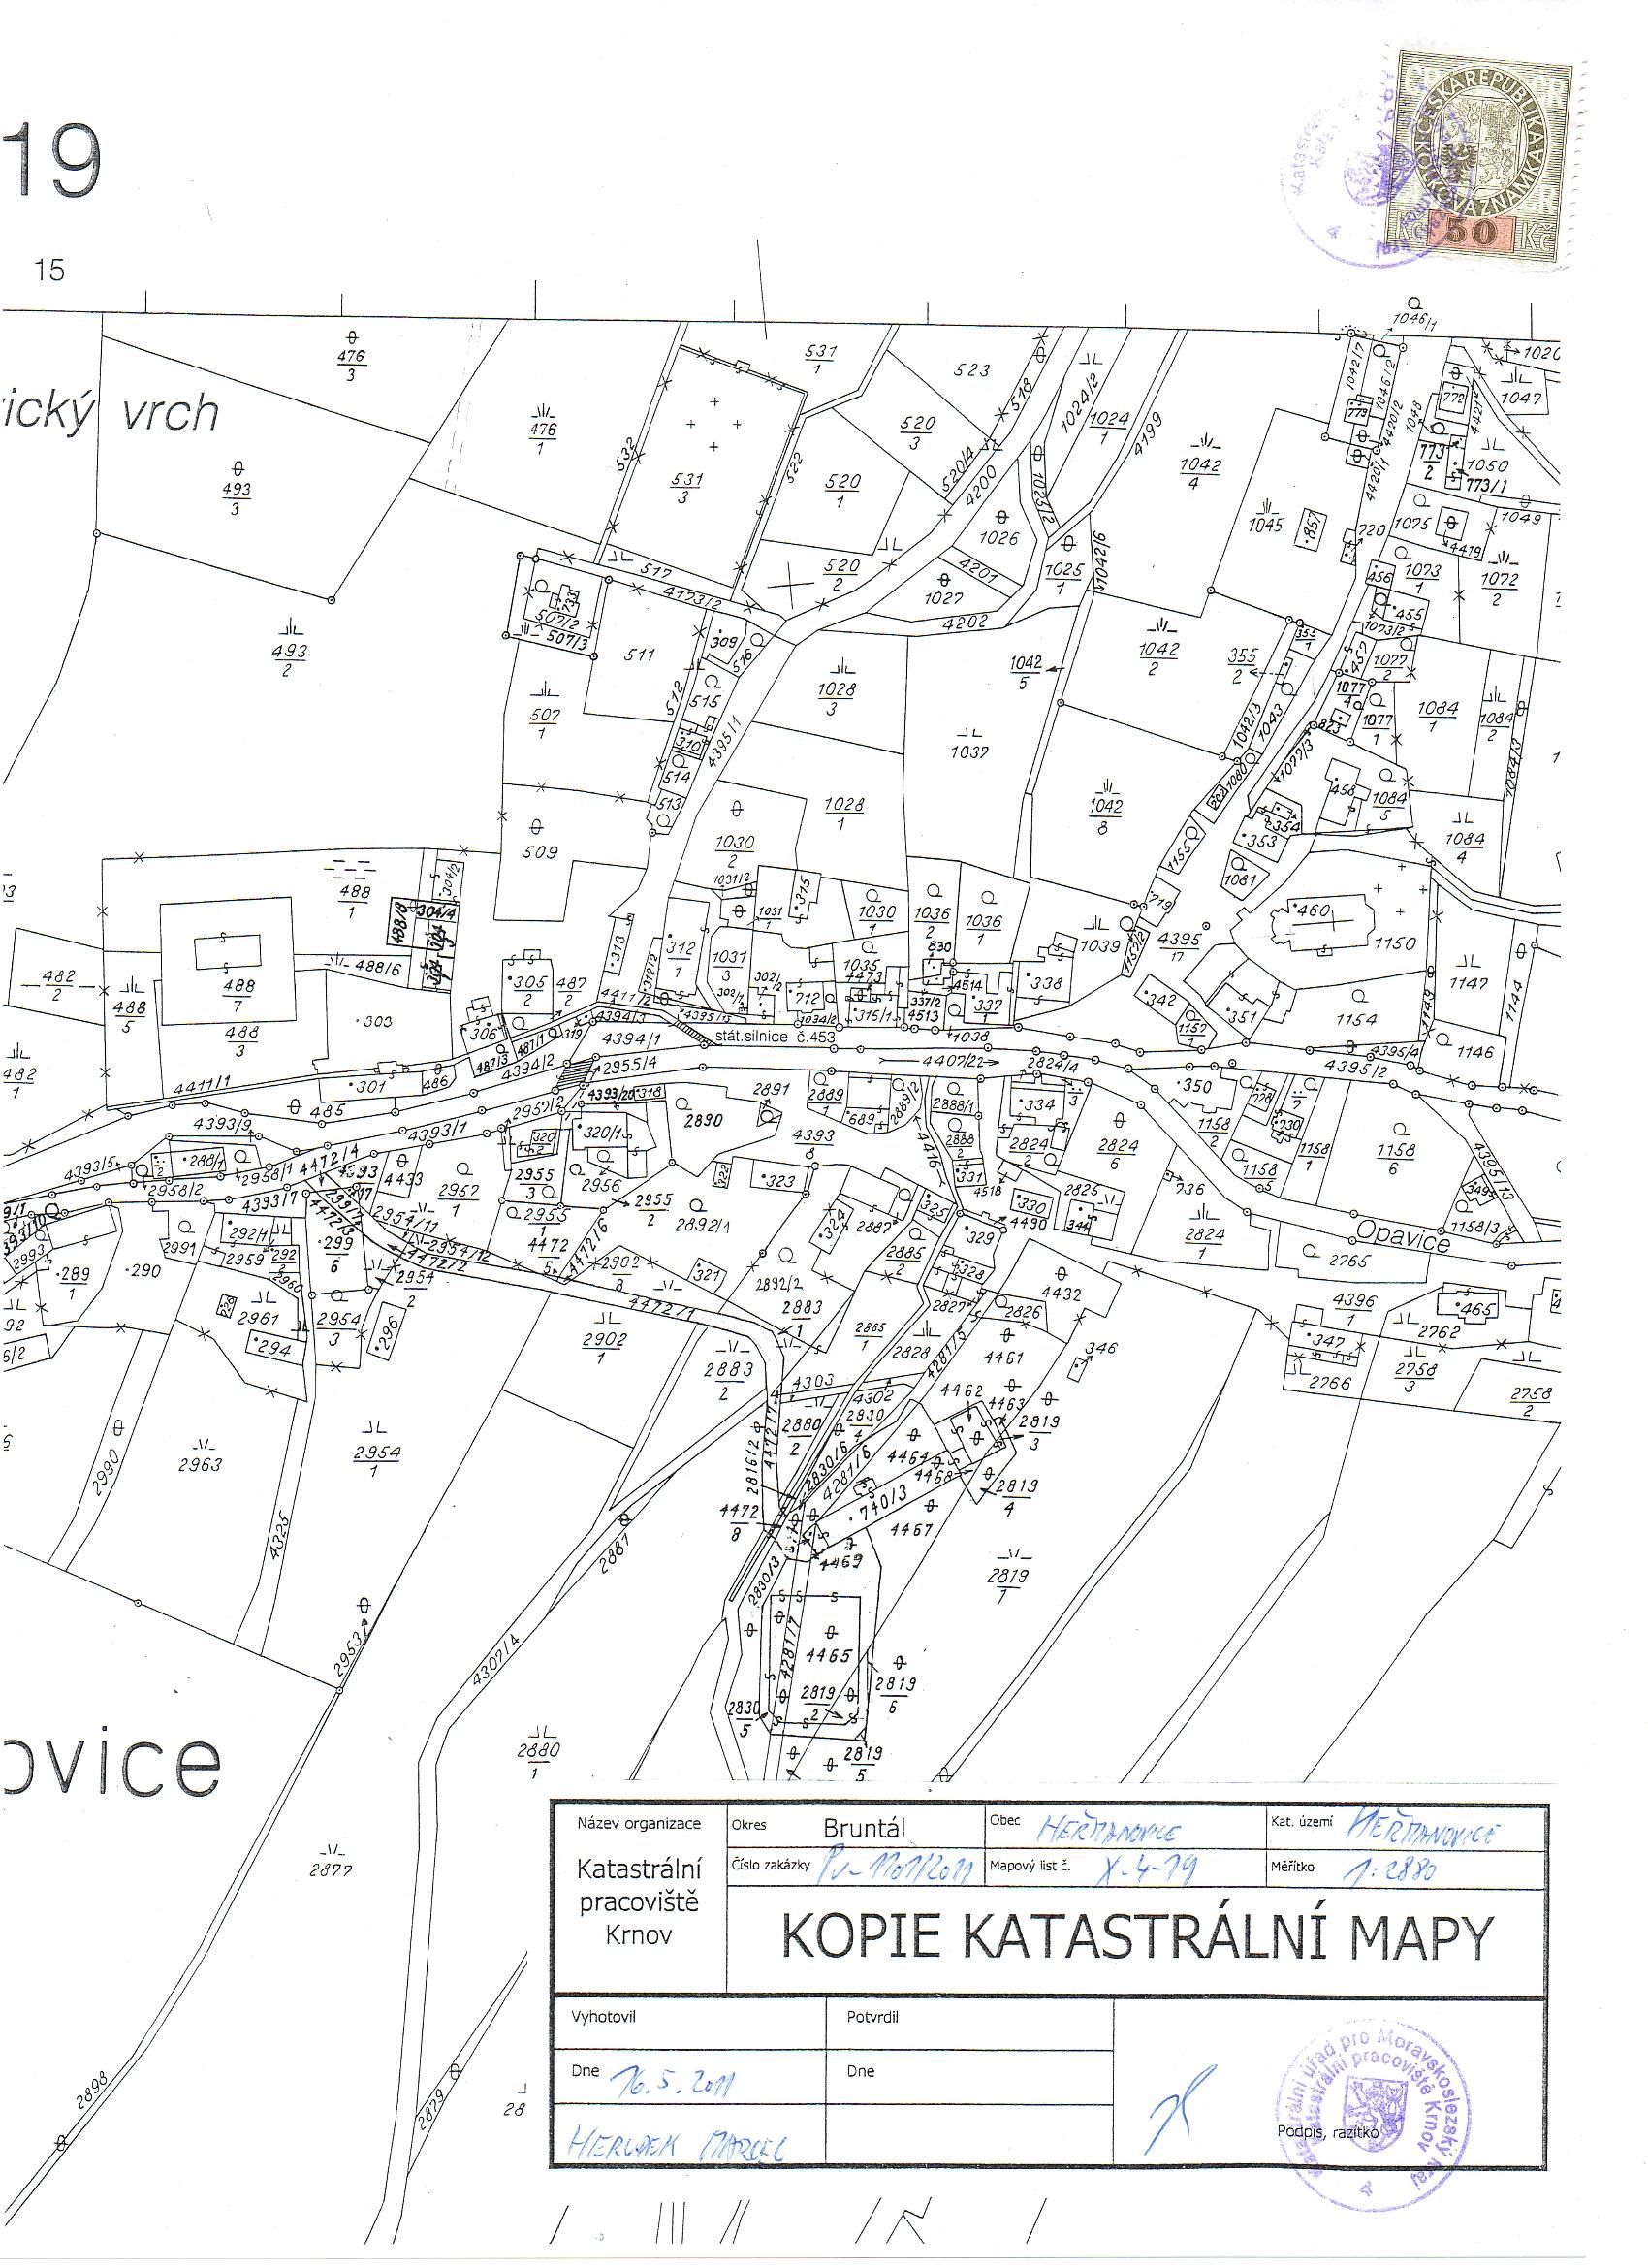 F. Doklady - 01. Snímek katastrální mapy 1